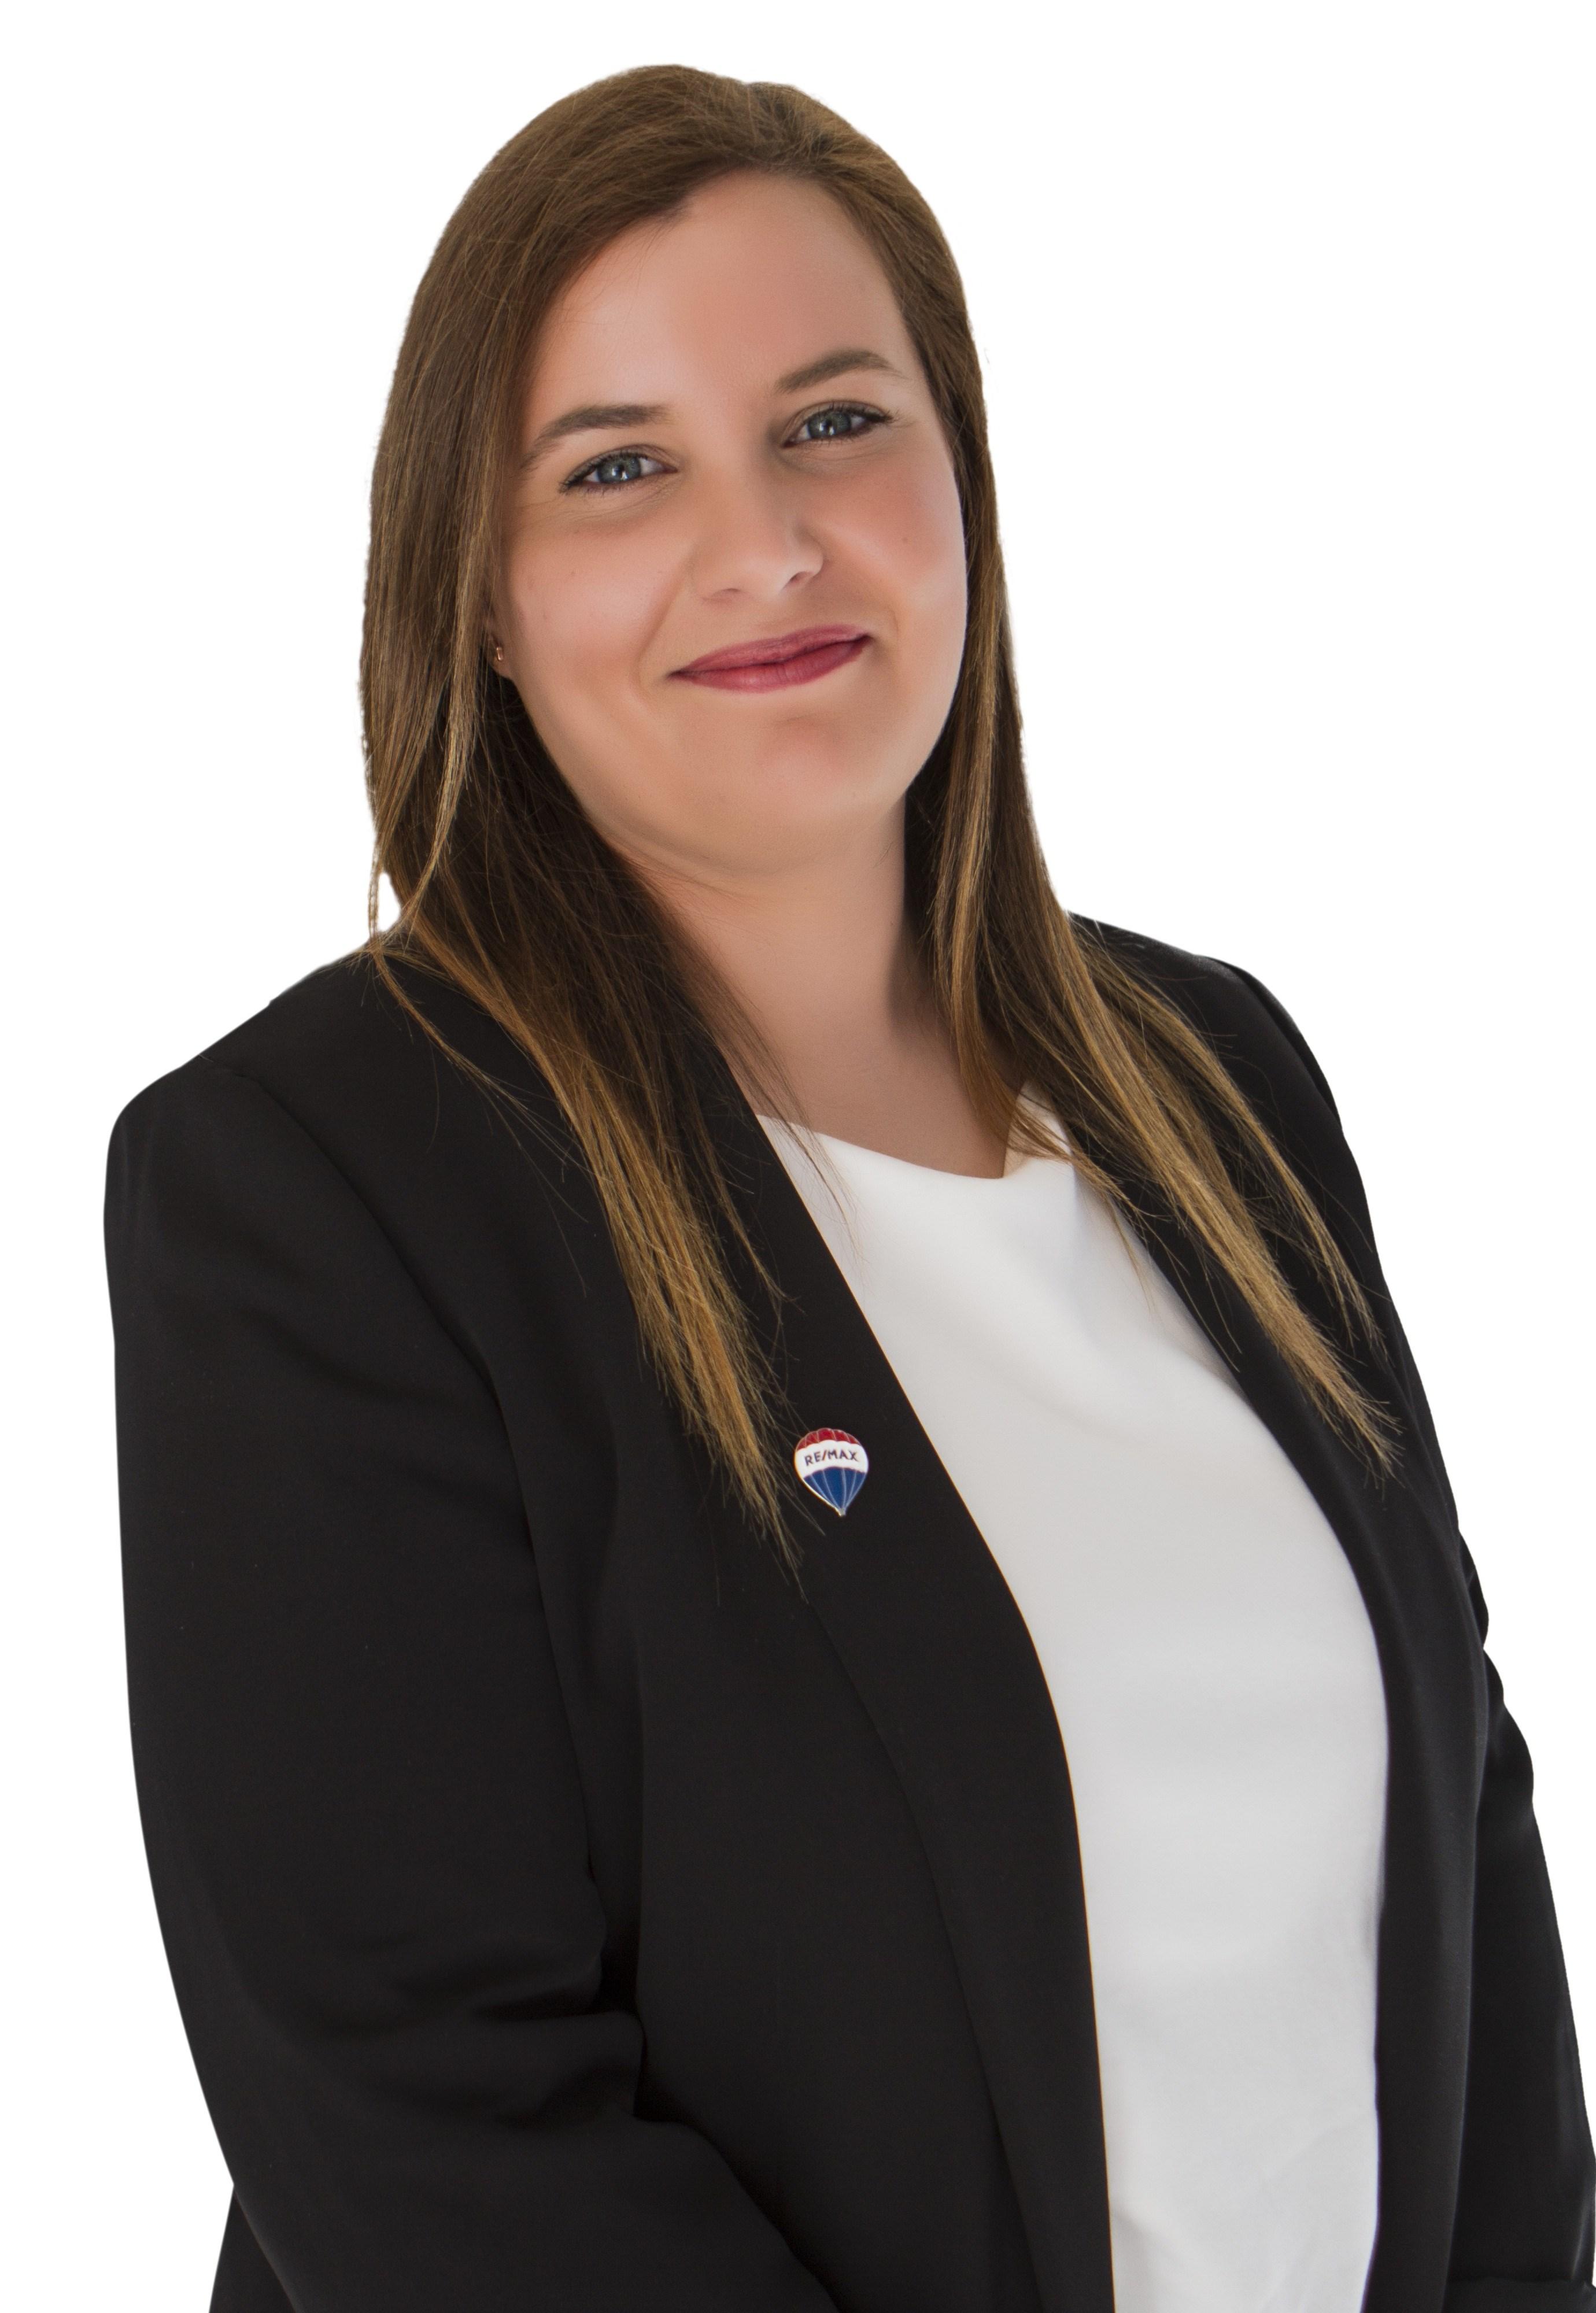 Virginia Molina Venzal